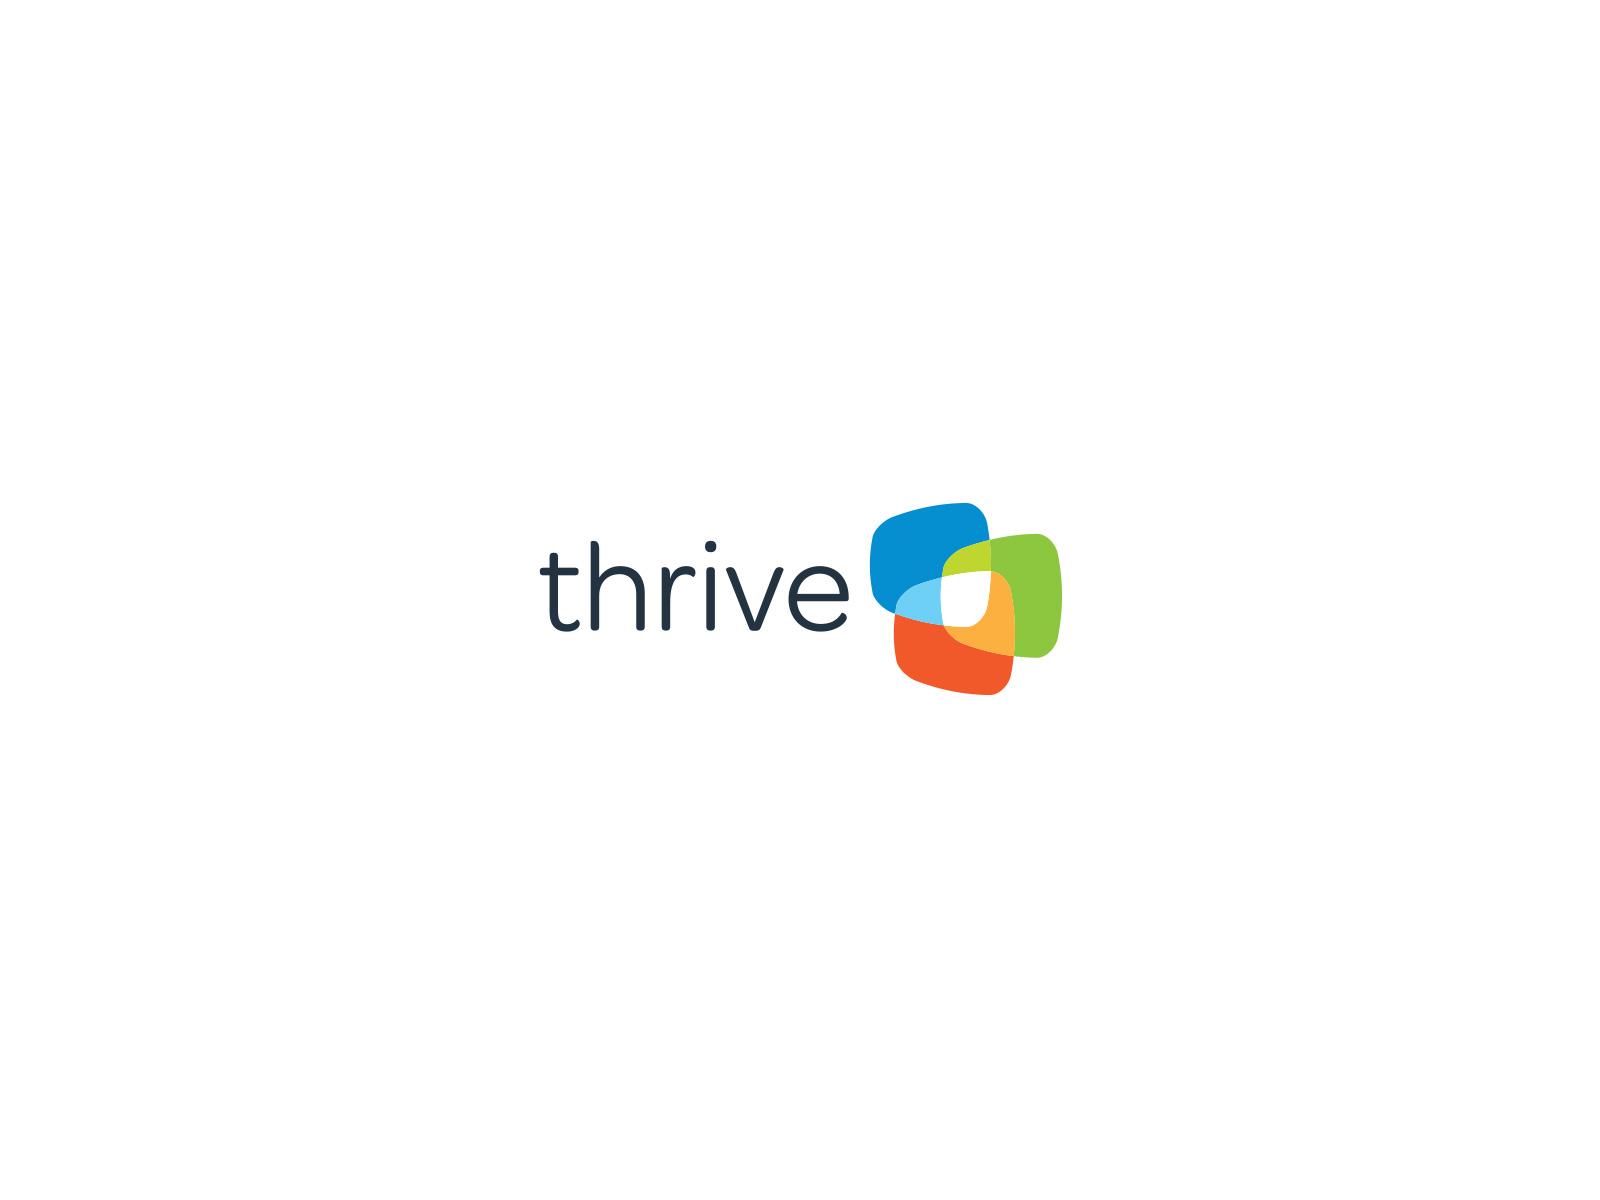 Thrive sa logo design 1